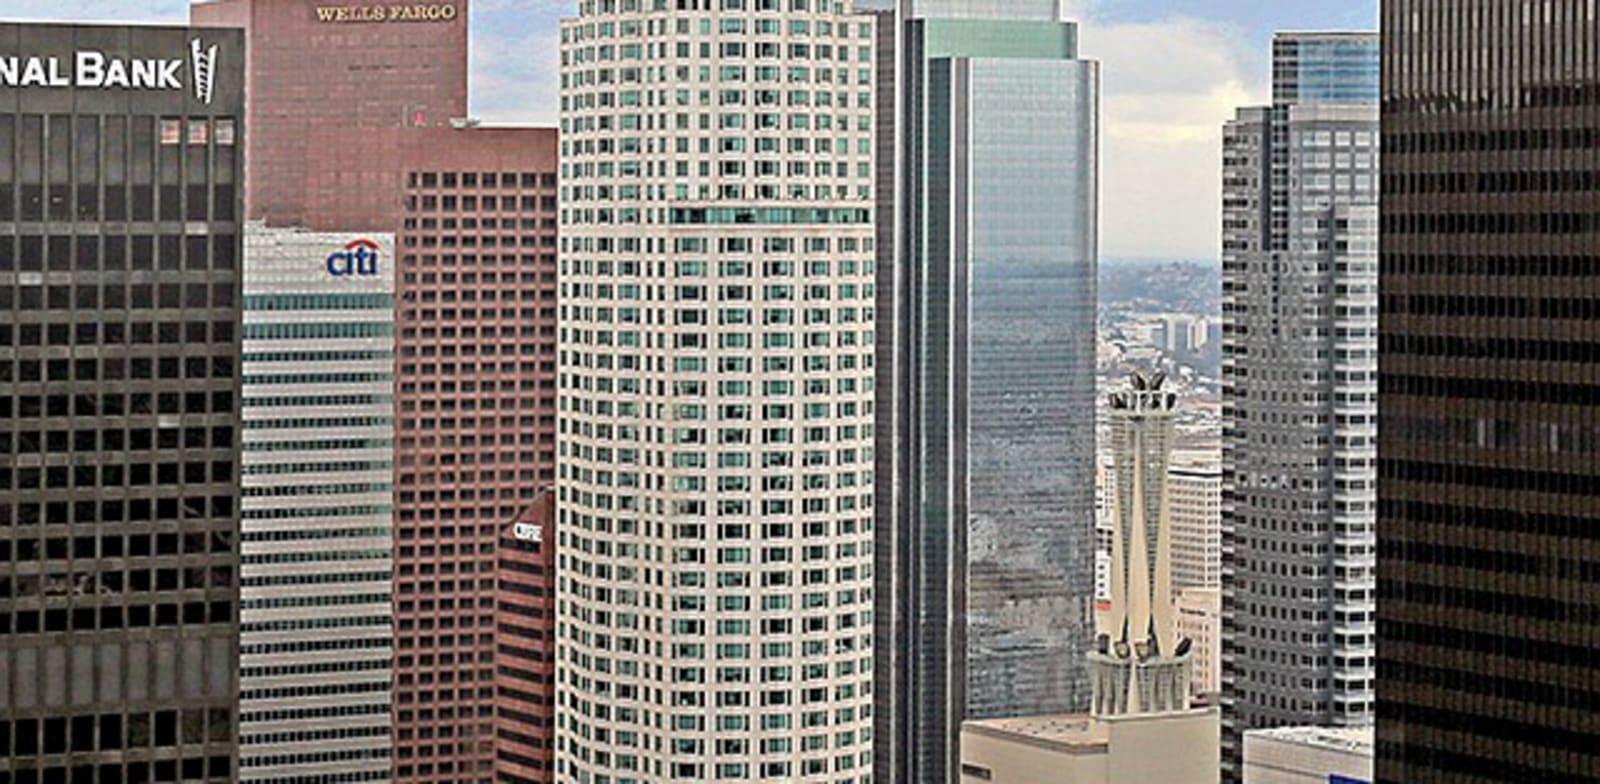 """נכס של מנורה מבטחים בלוס אנג'לס. """"יסוד של יציבות"""" / צילום: יח""""צ"""